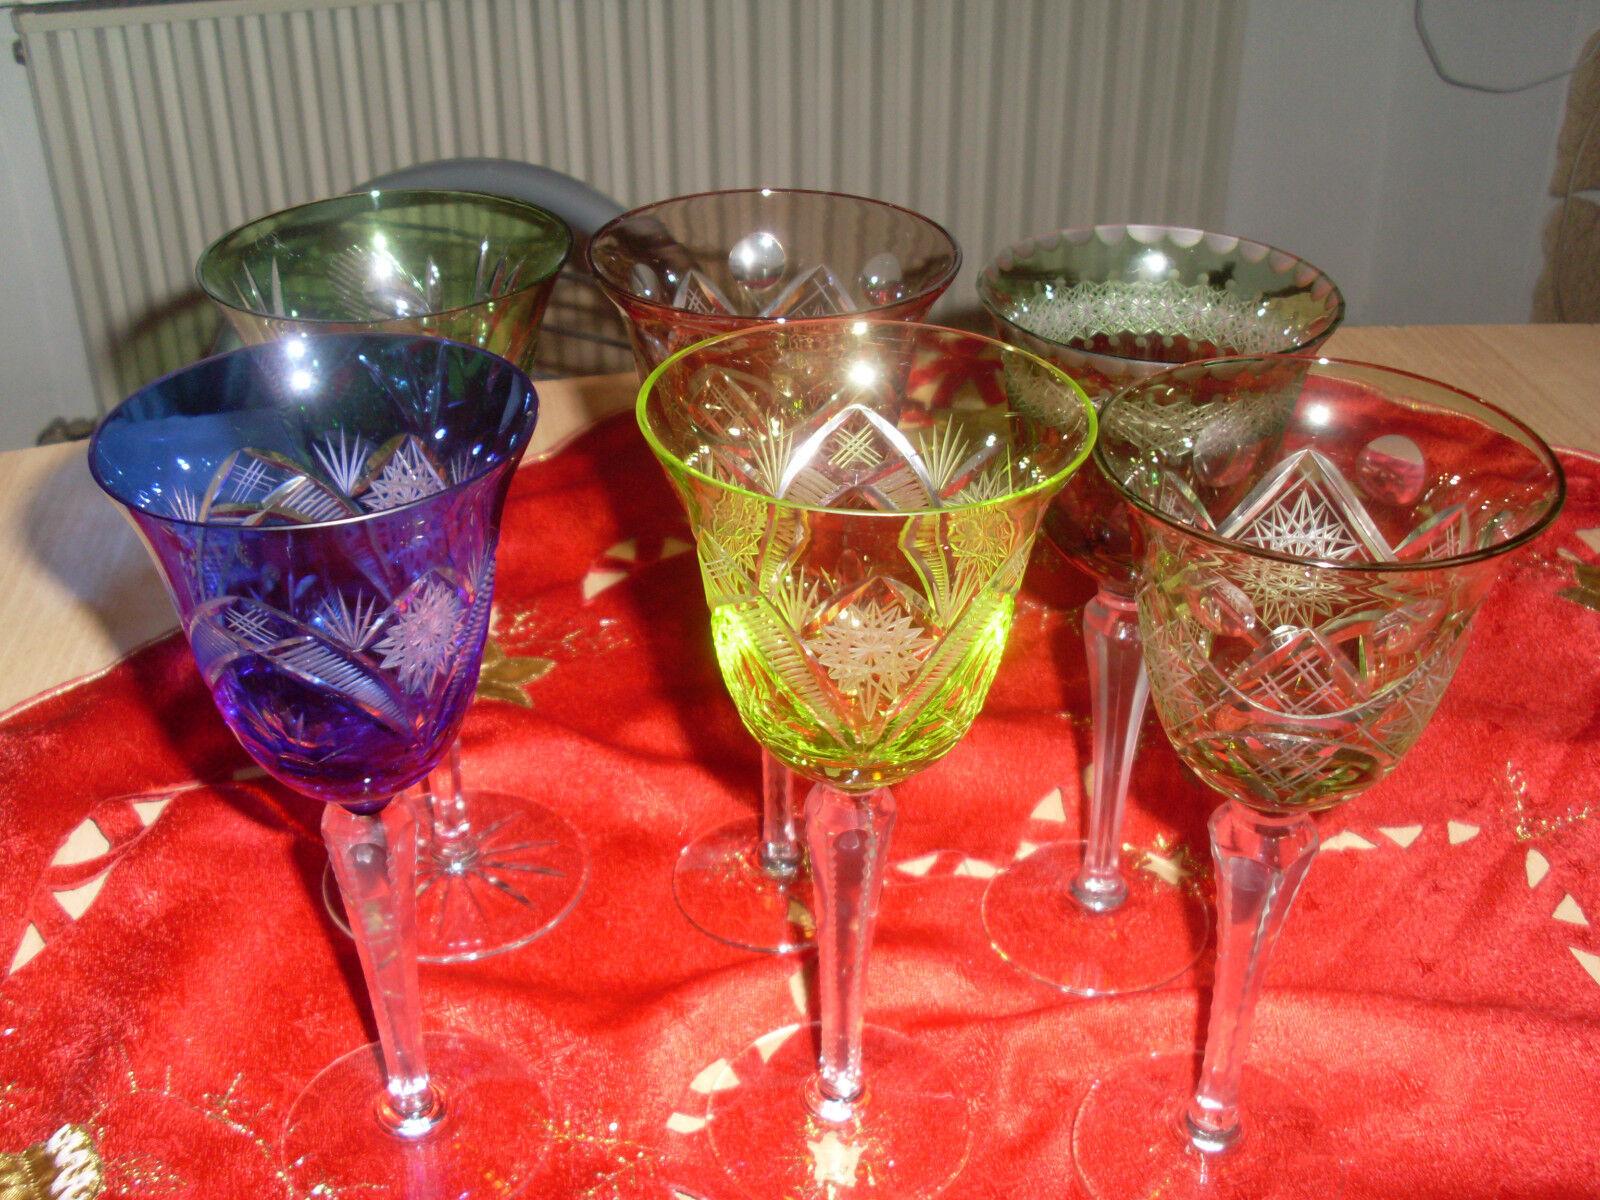 6  Kristall Kristall Kristall Weingläser versch.Farben und Größen   Hohe Qualität und geringer Aufwand  044809